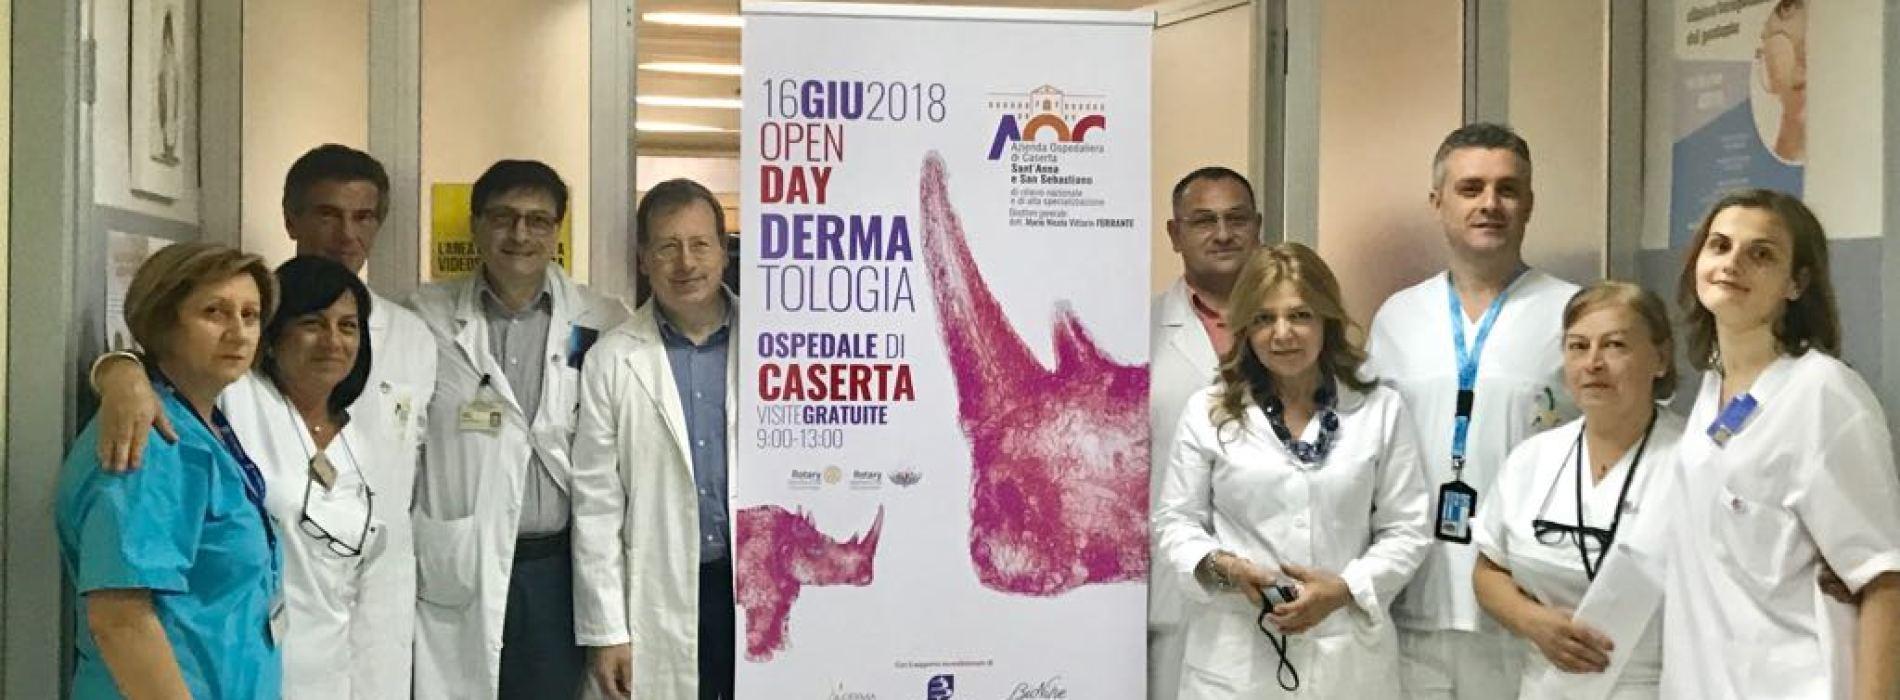 DermoDay all'ospedale di Caserta. Che apertura straordinaria!